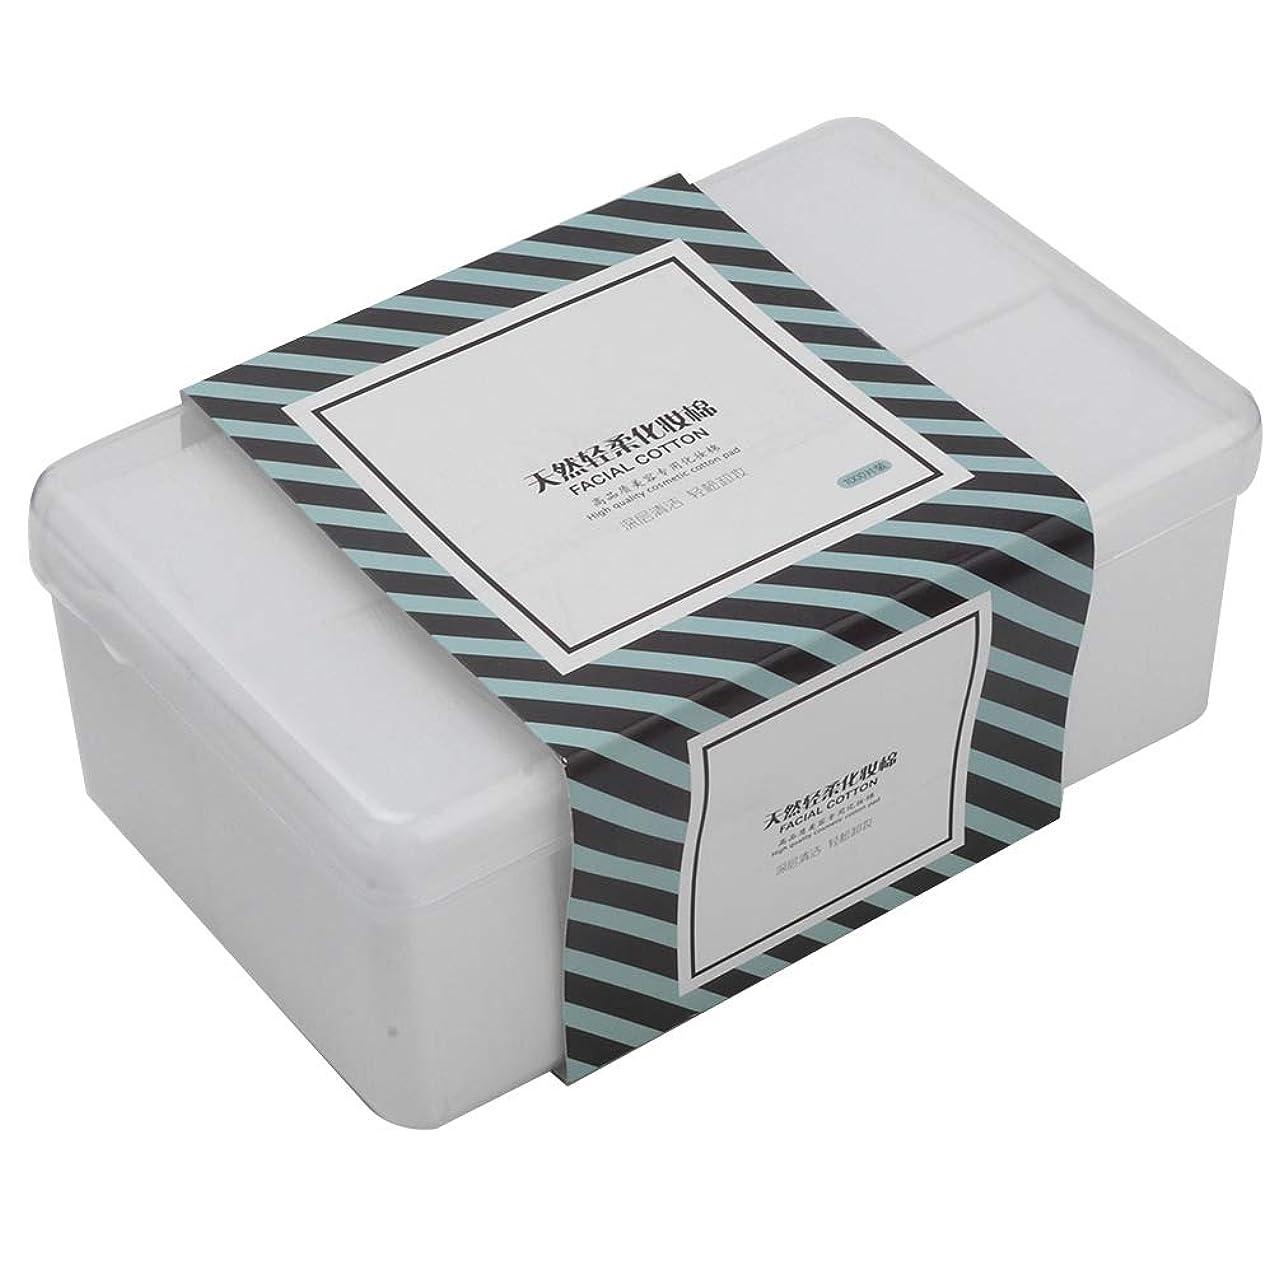 揺れるトラフ名義で1000枚 /箱の構造の綿パッドの化粧品は清潔になりますスキンケアを拭きます